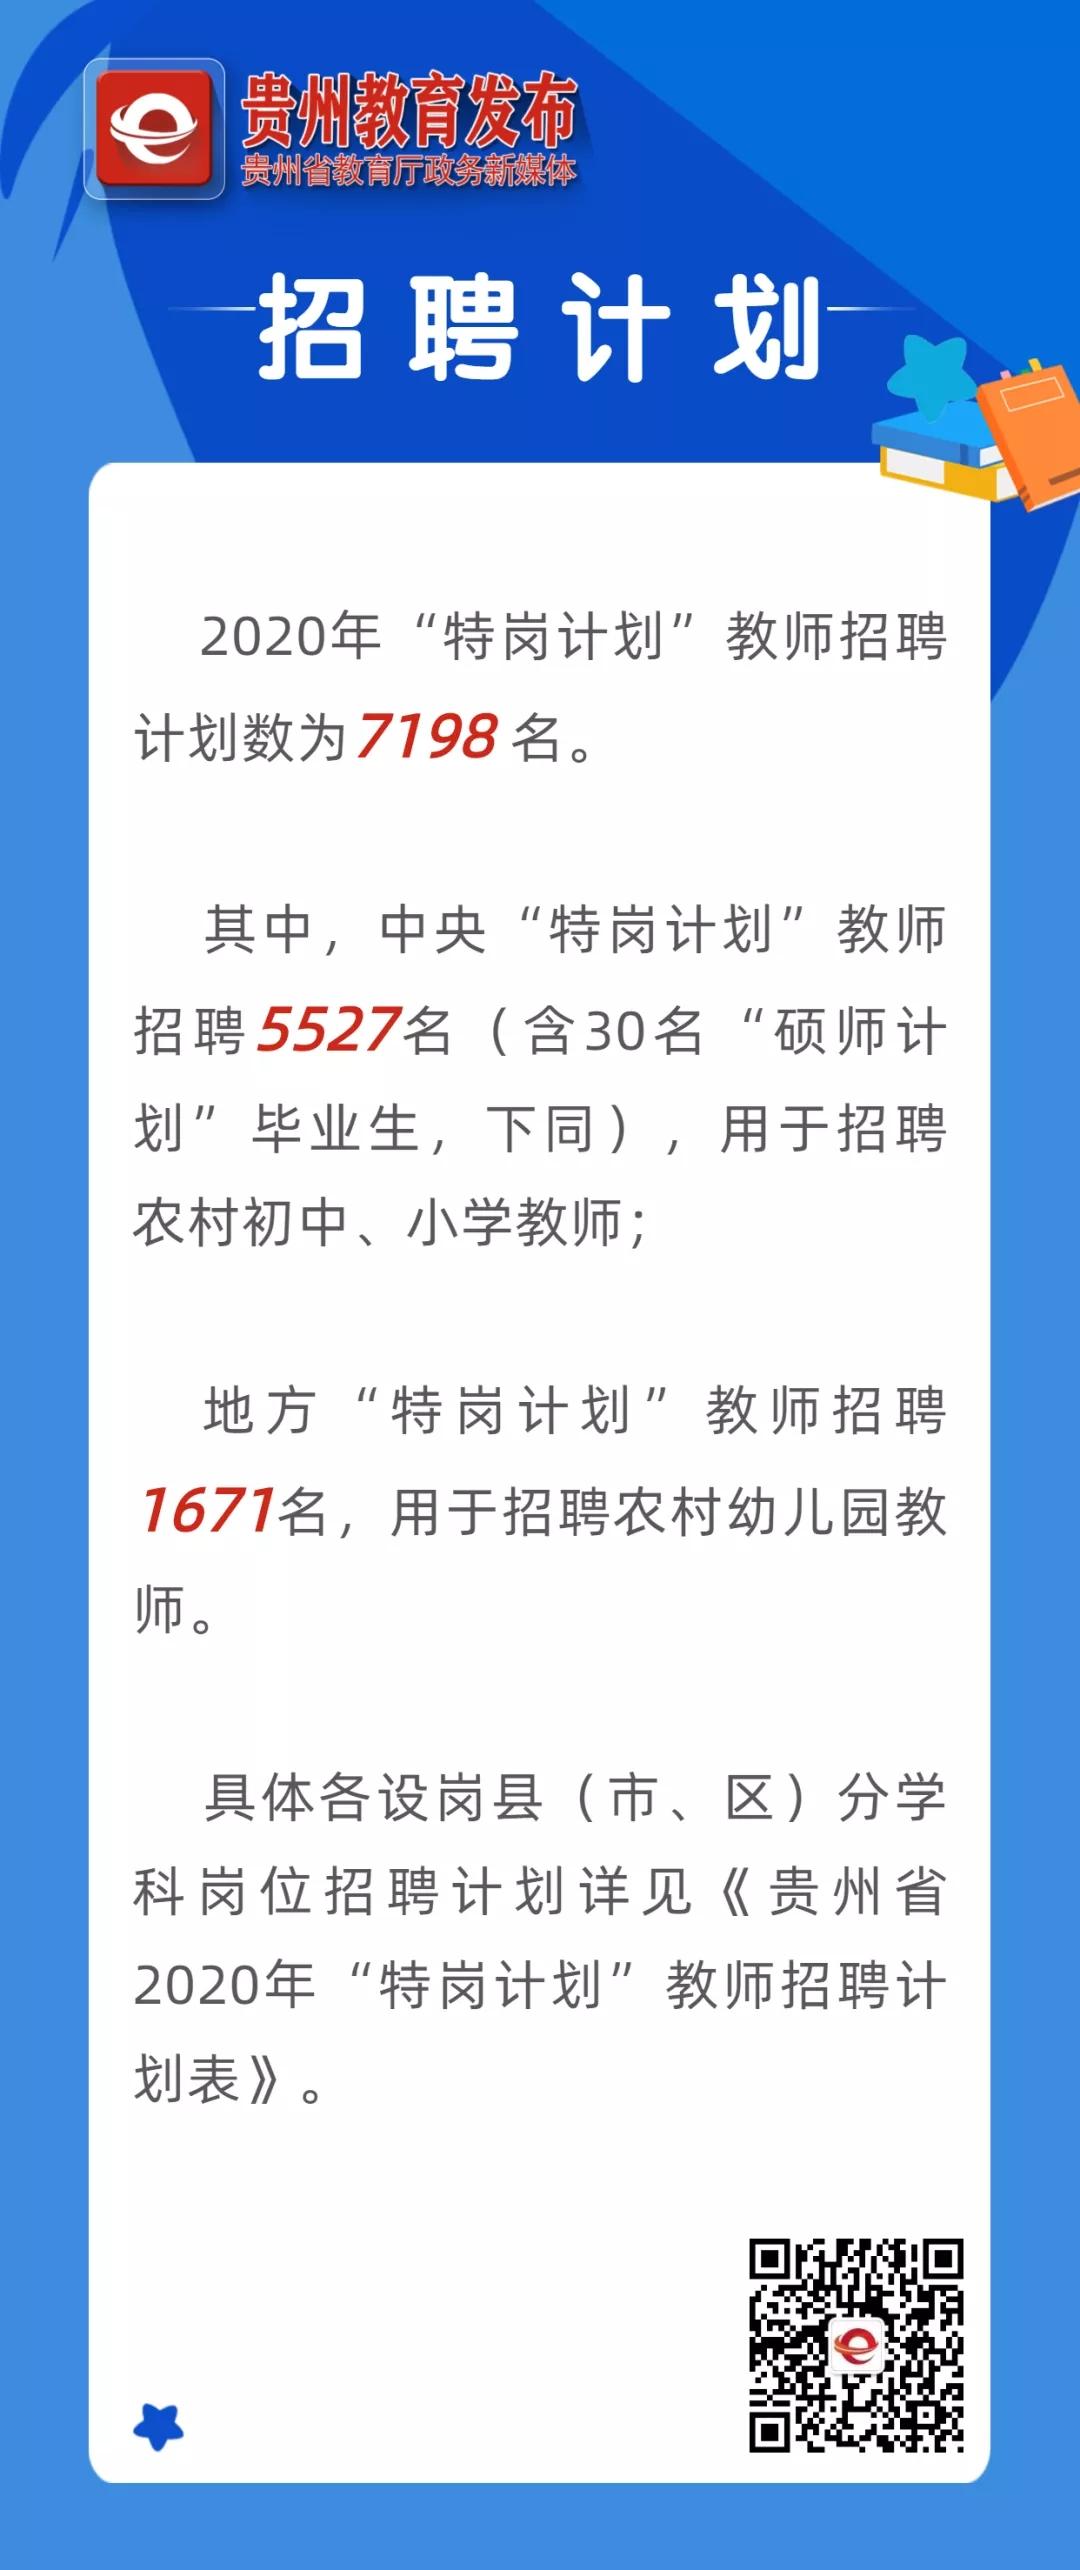 官方发布:2020年贵州特岗教师招聘7198名报名公告7月1日报名!